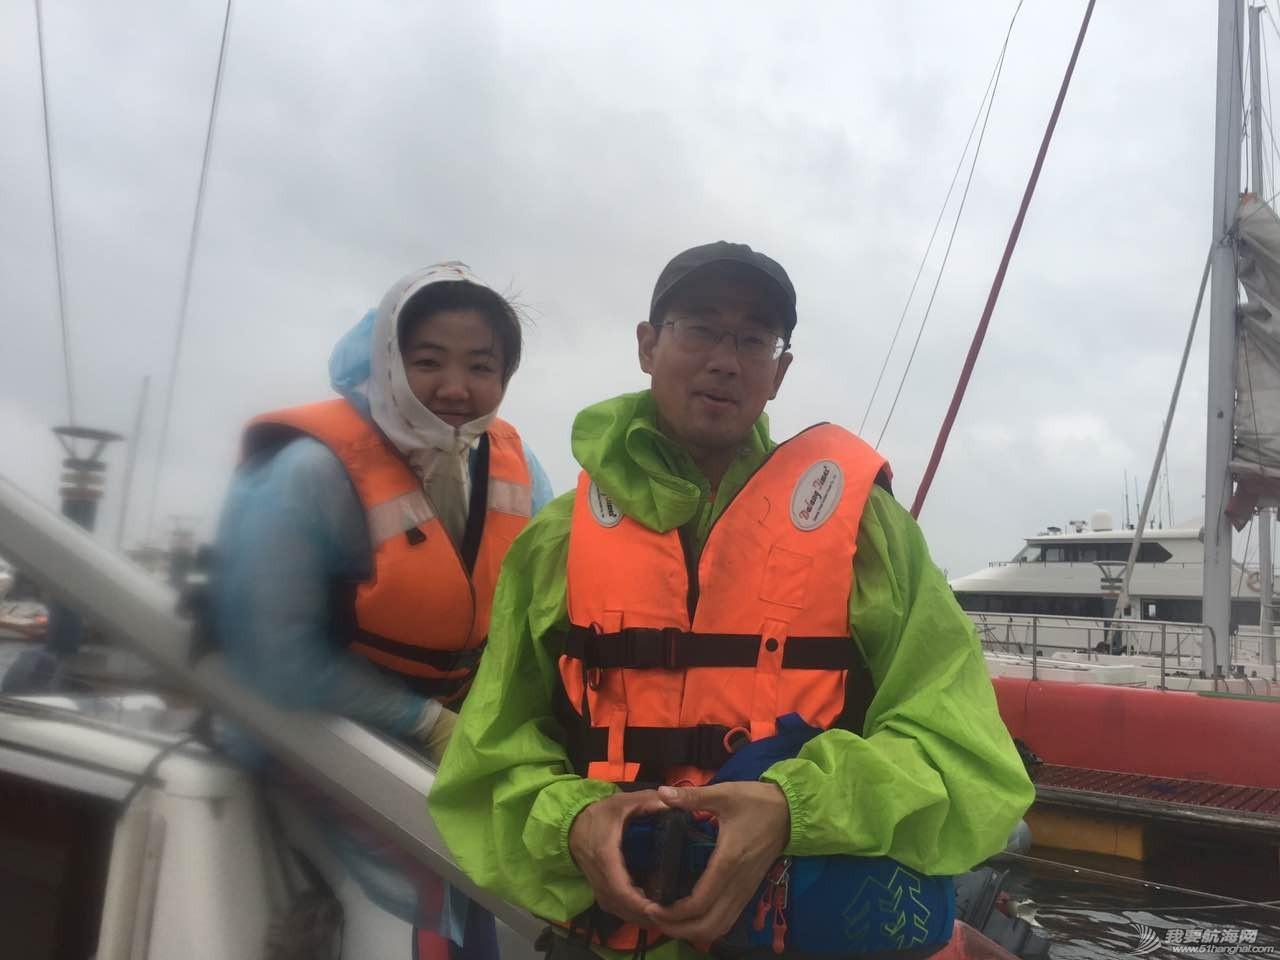 帆船,日照 我要去航海-全民帆船航海公益活动日照培训学员名单暨作业汇总 131836yqr6ra5zaffqbrqa.jpg